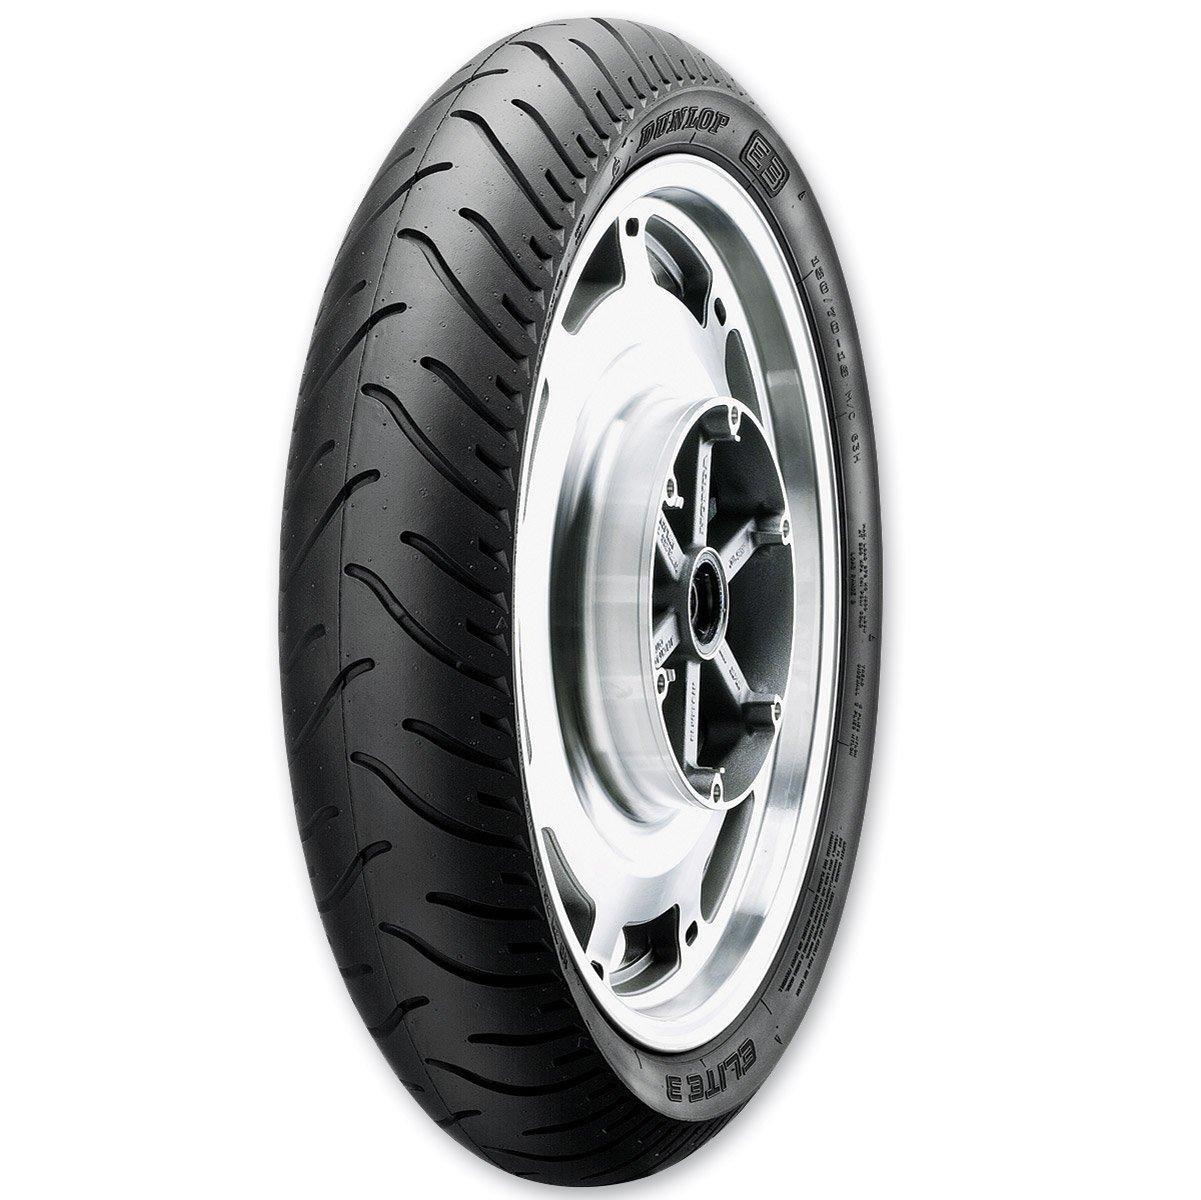 Dunlop Elite 3 90/90-21 Front Tire 45091159 4333047010 tr-314413